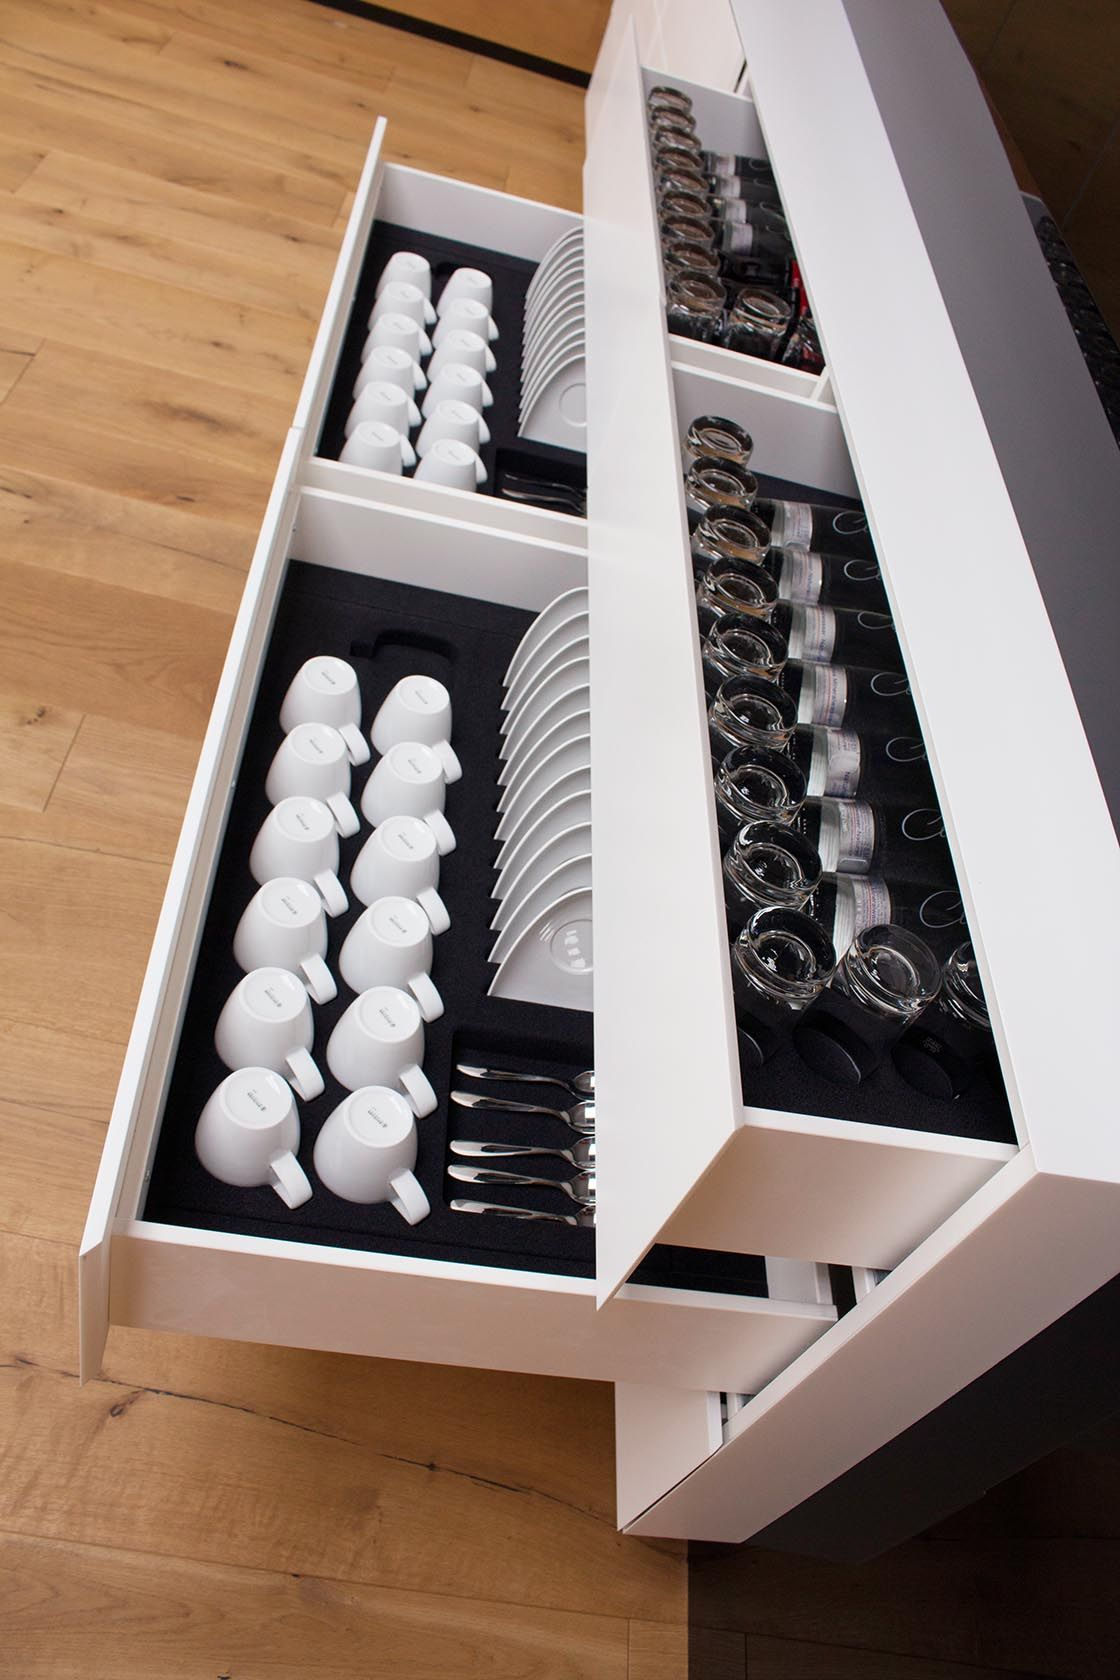 Küchenschubladen schöne lösung für küchenschubladen beflockte einteilungen